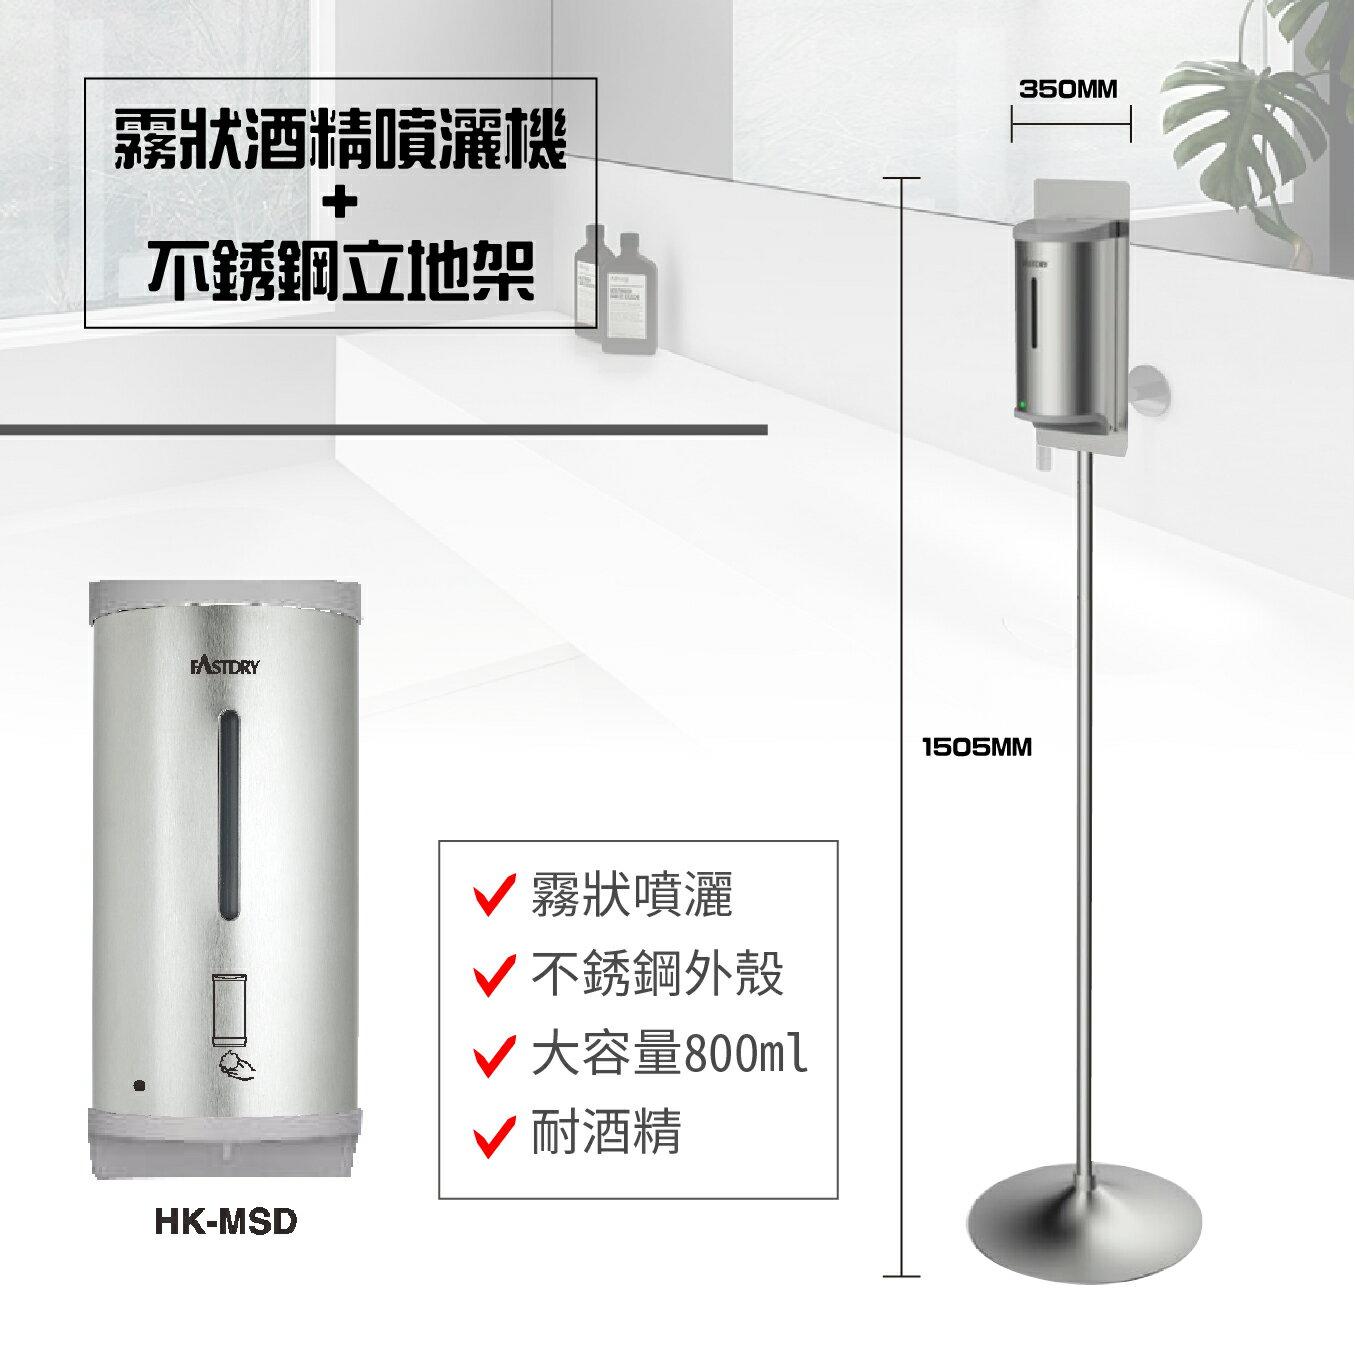 【缺到5/25】酒精自動噴灑器+不銹鋼立地架 HK-MSD 不銹鋼外殼 800ML大容量 霧狀噴灑 耐酒精 消毒器 高質感 壁掛式給皂機